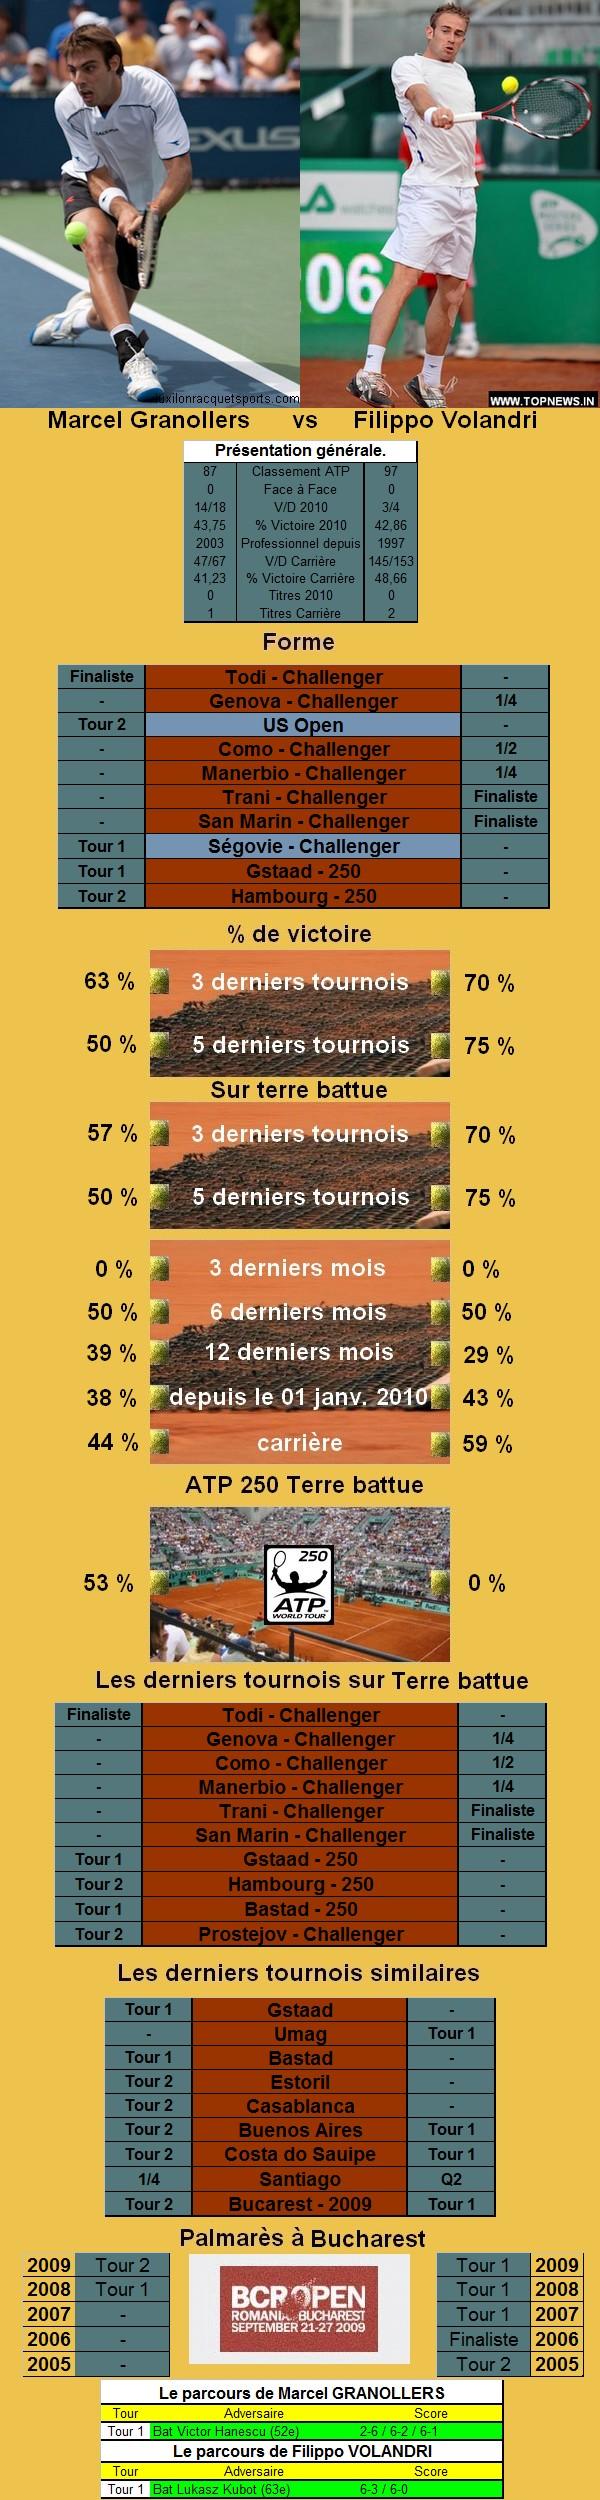 Statistiques tennis de Granollers contre Volandri à Bucarest